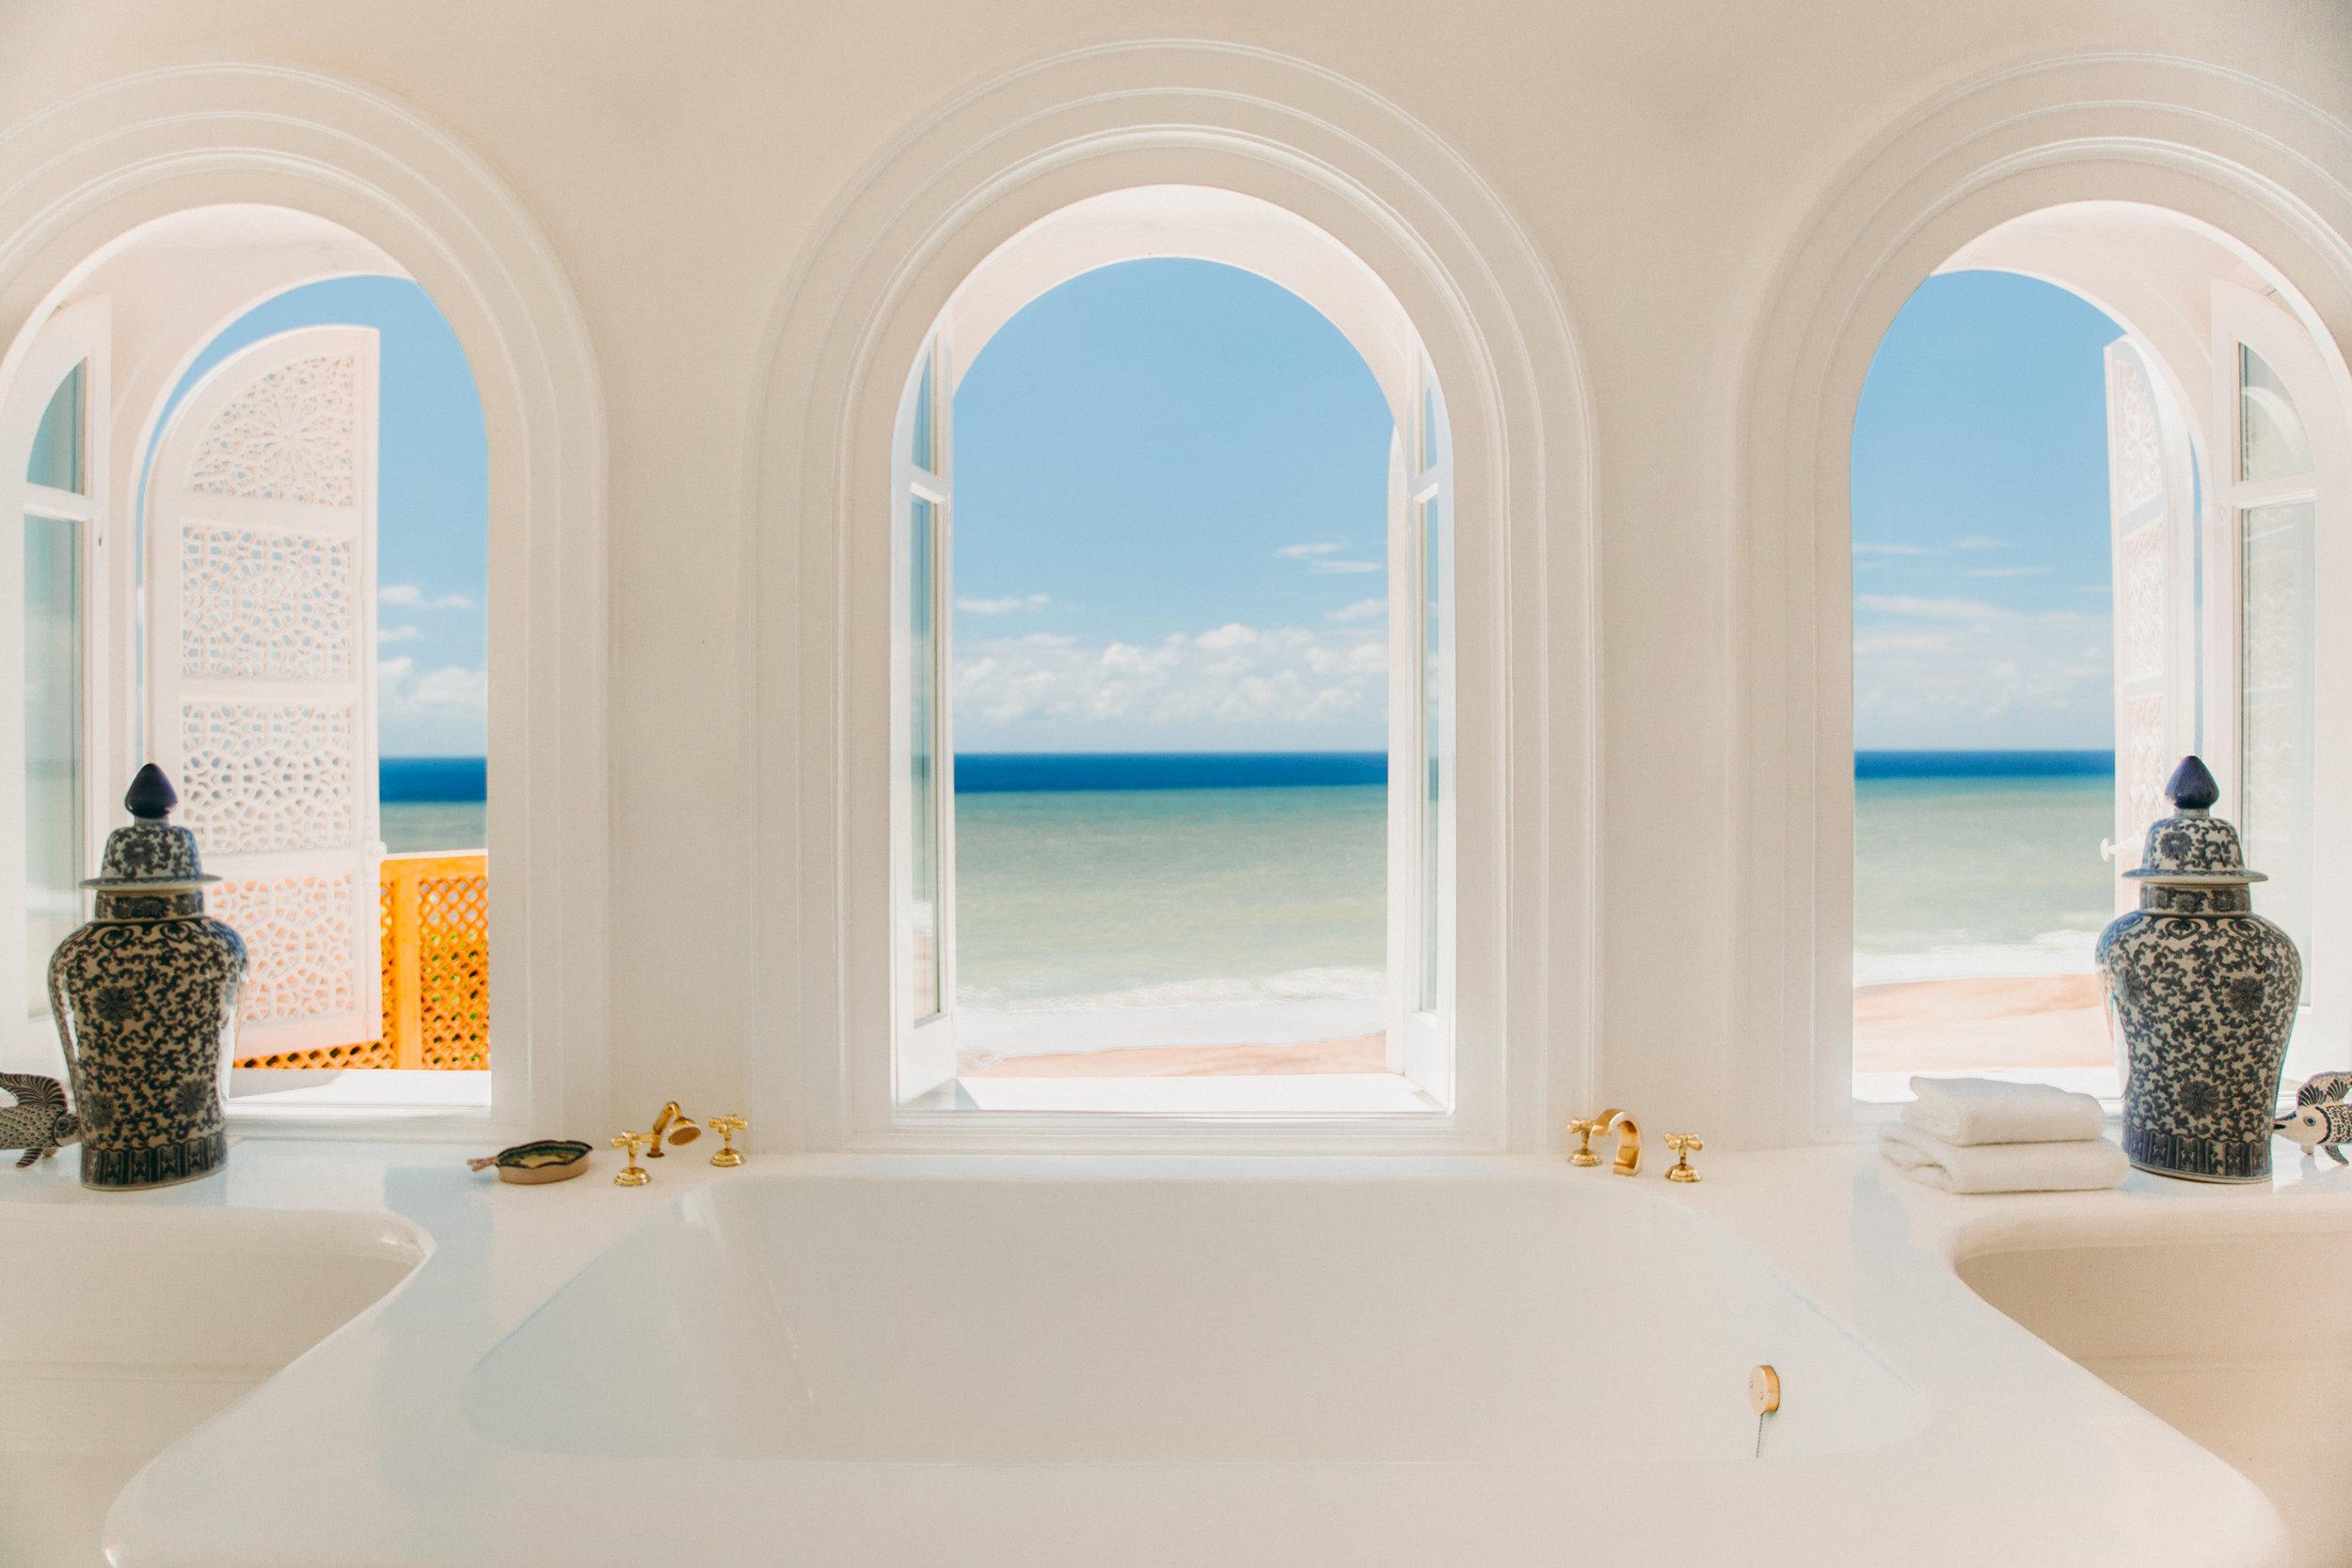 Room + Coast. Photo property of Cuixmala.